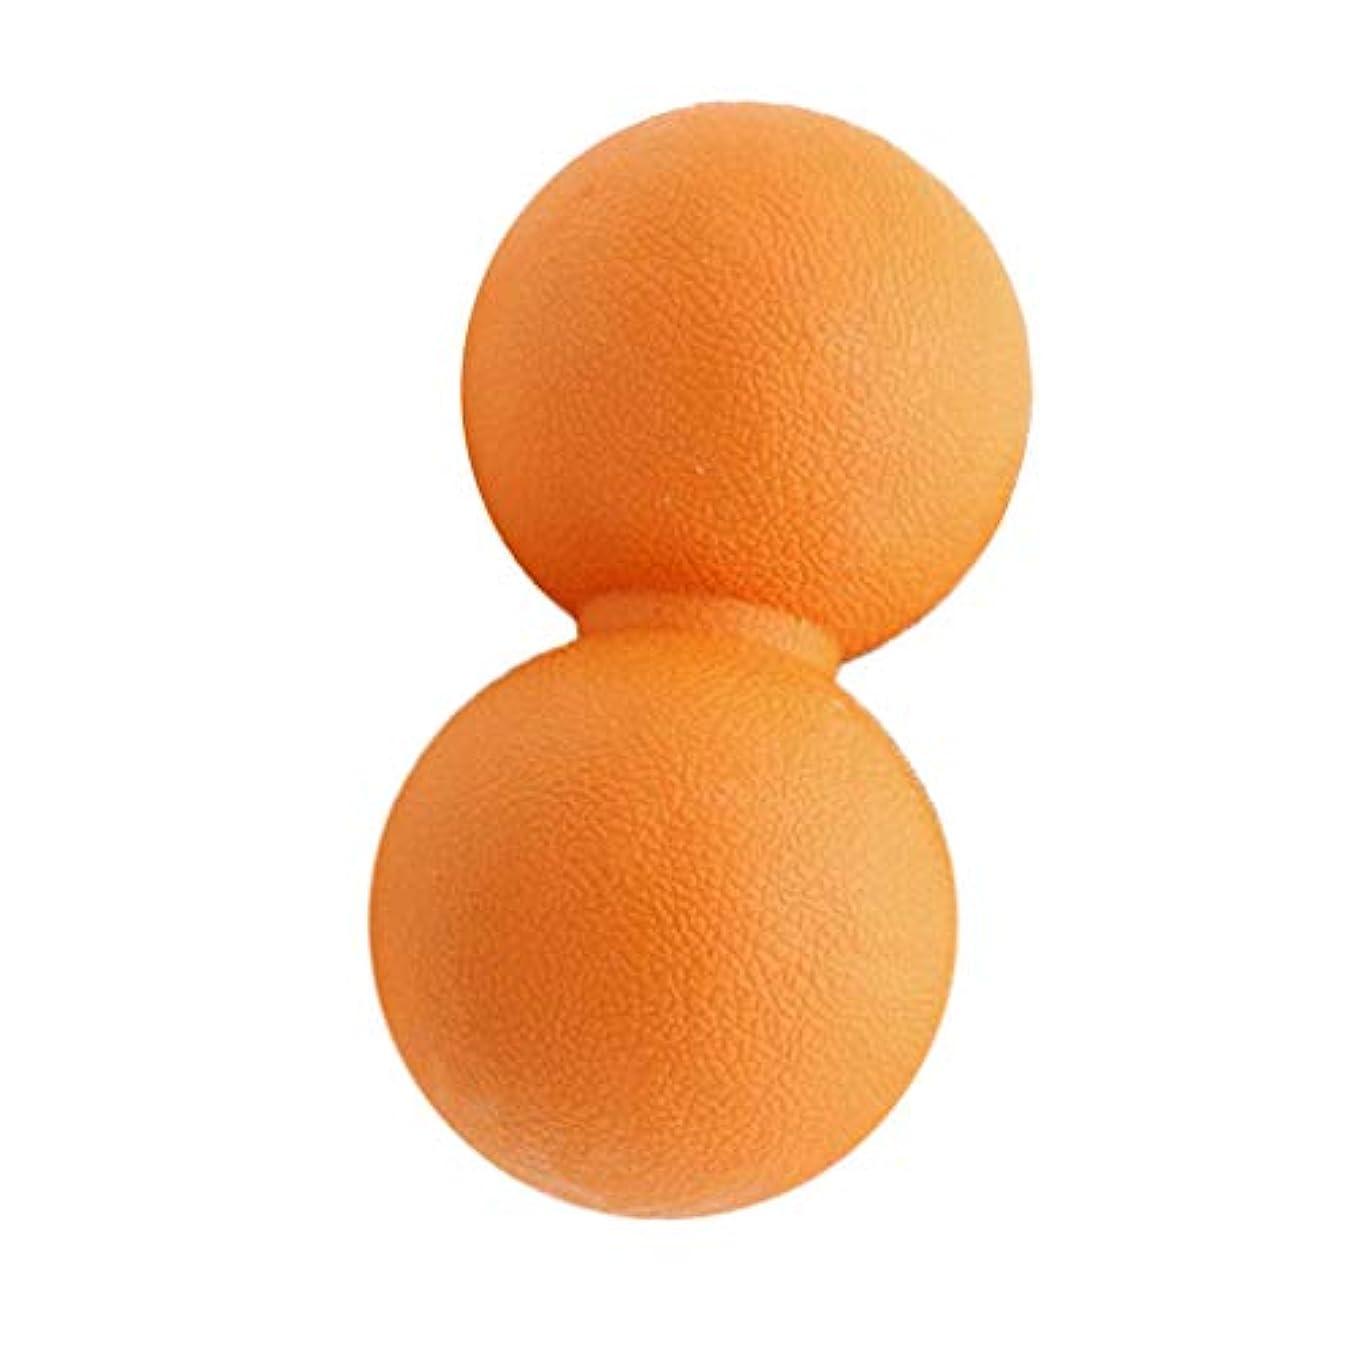 旅行者狂気リーズ全2色 マッサージボール ピーナッツ ツボ押しグッズ 疲れ解消ボール 筋膜リリース 筋肉疲労回復 - オレンジ, 13cm